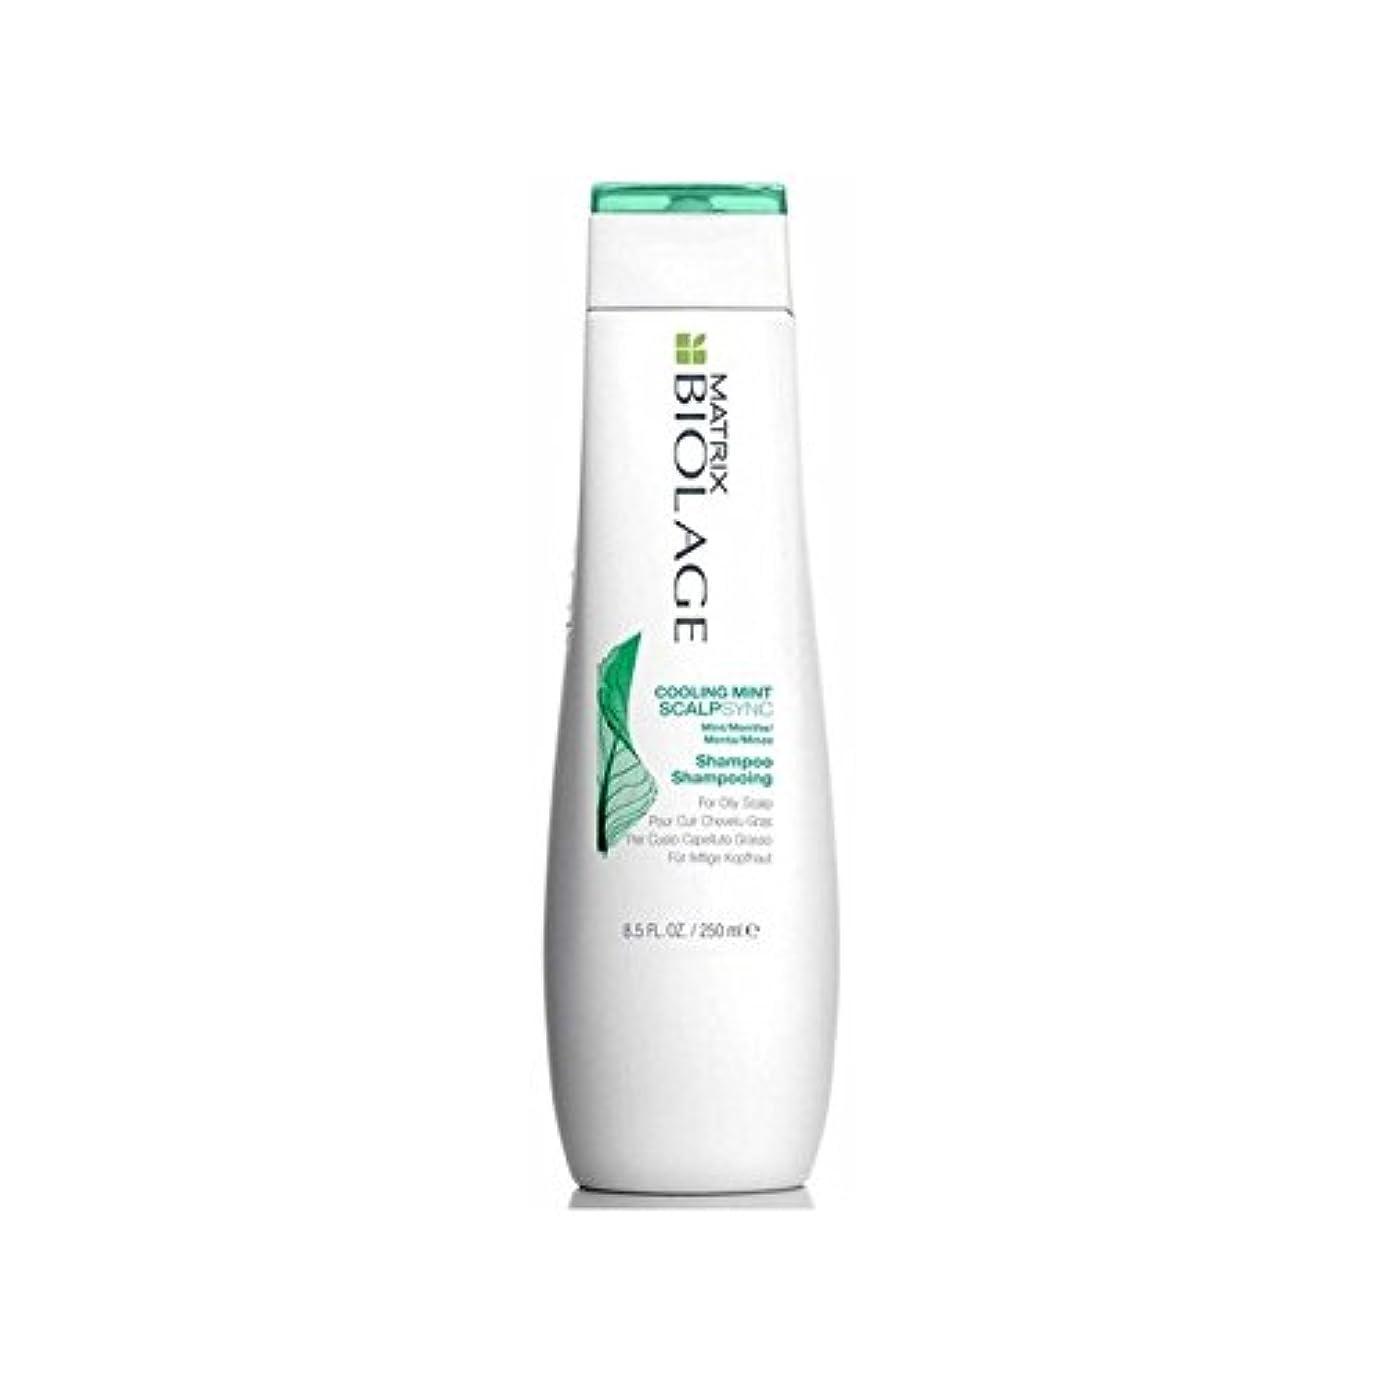 写真を撮る汚いリンスMatrix Biolage Scalptherapie Scalp Cooling Mint Shampoo (250ml) (Pack of 6) - ミントシャンプー(250ミリリットル)を冷却マトリックスバイオレイジの頭皮 x6 [並行輸入品]